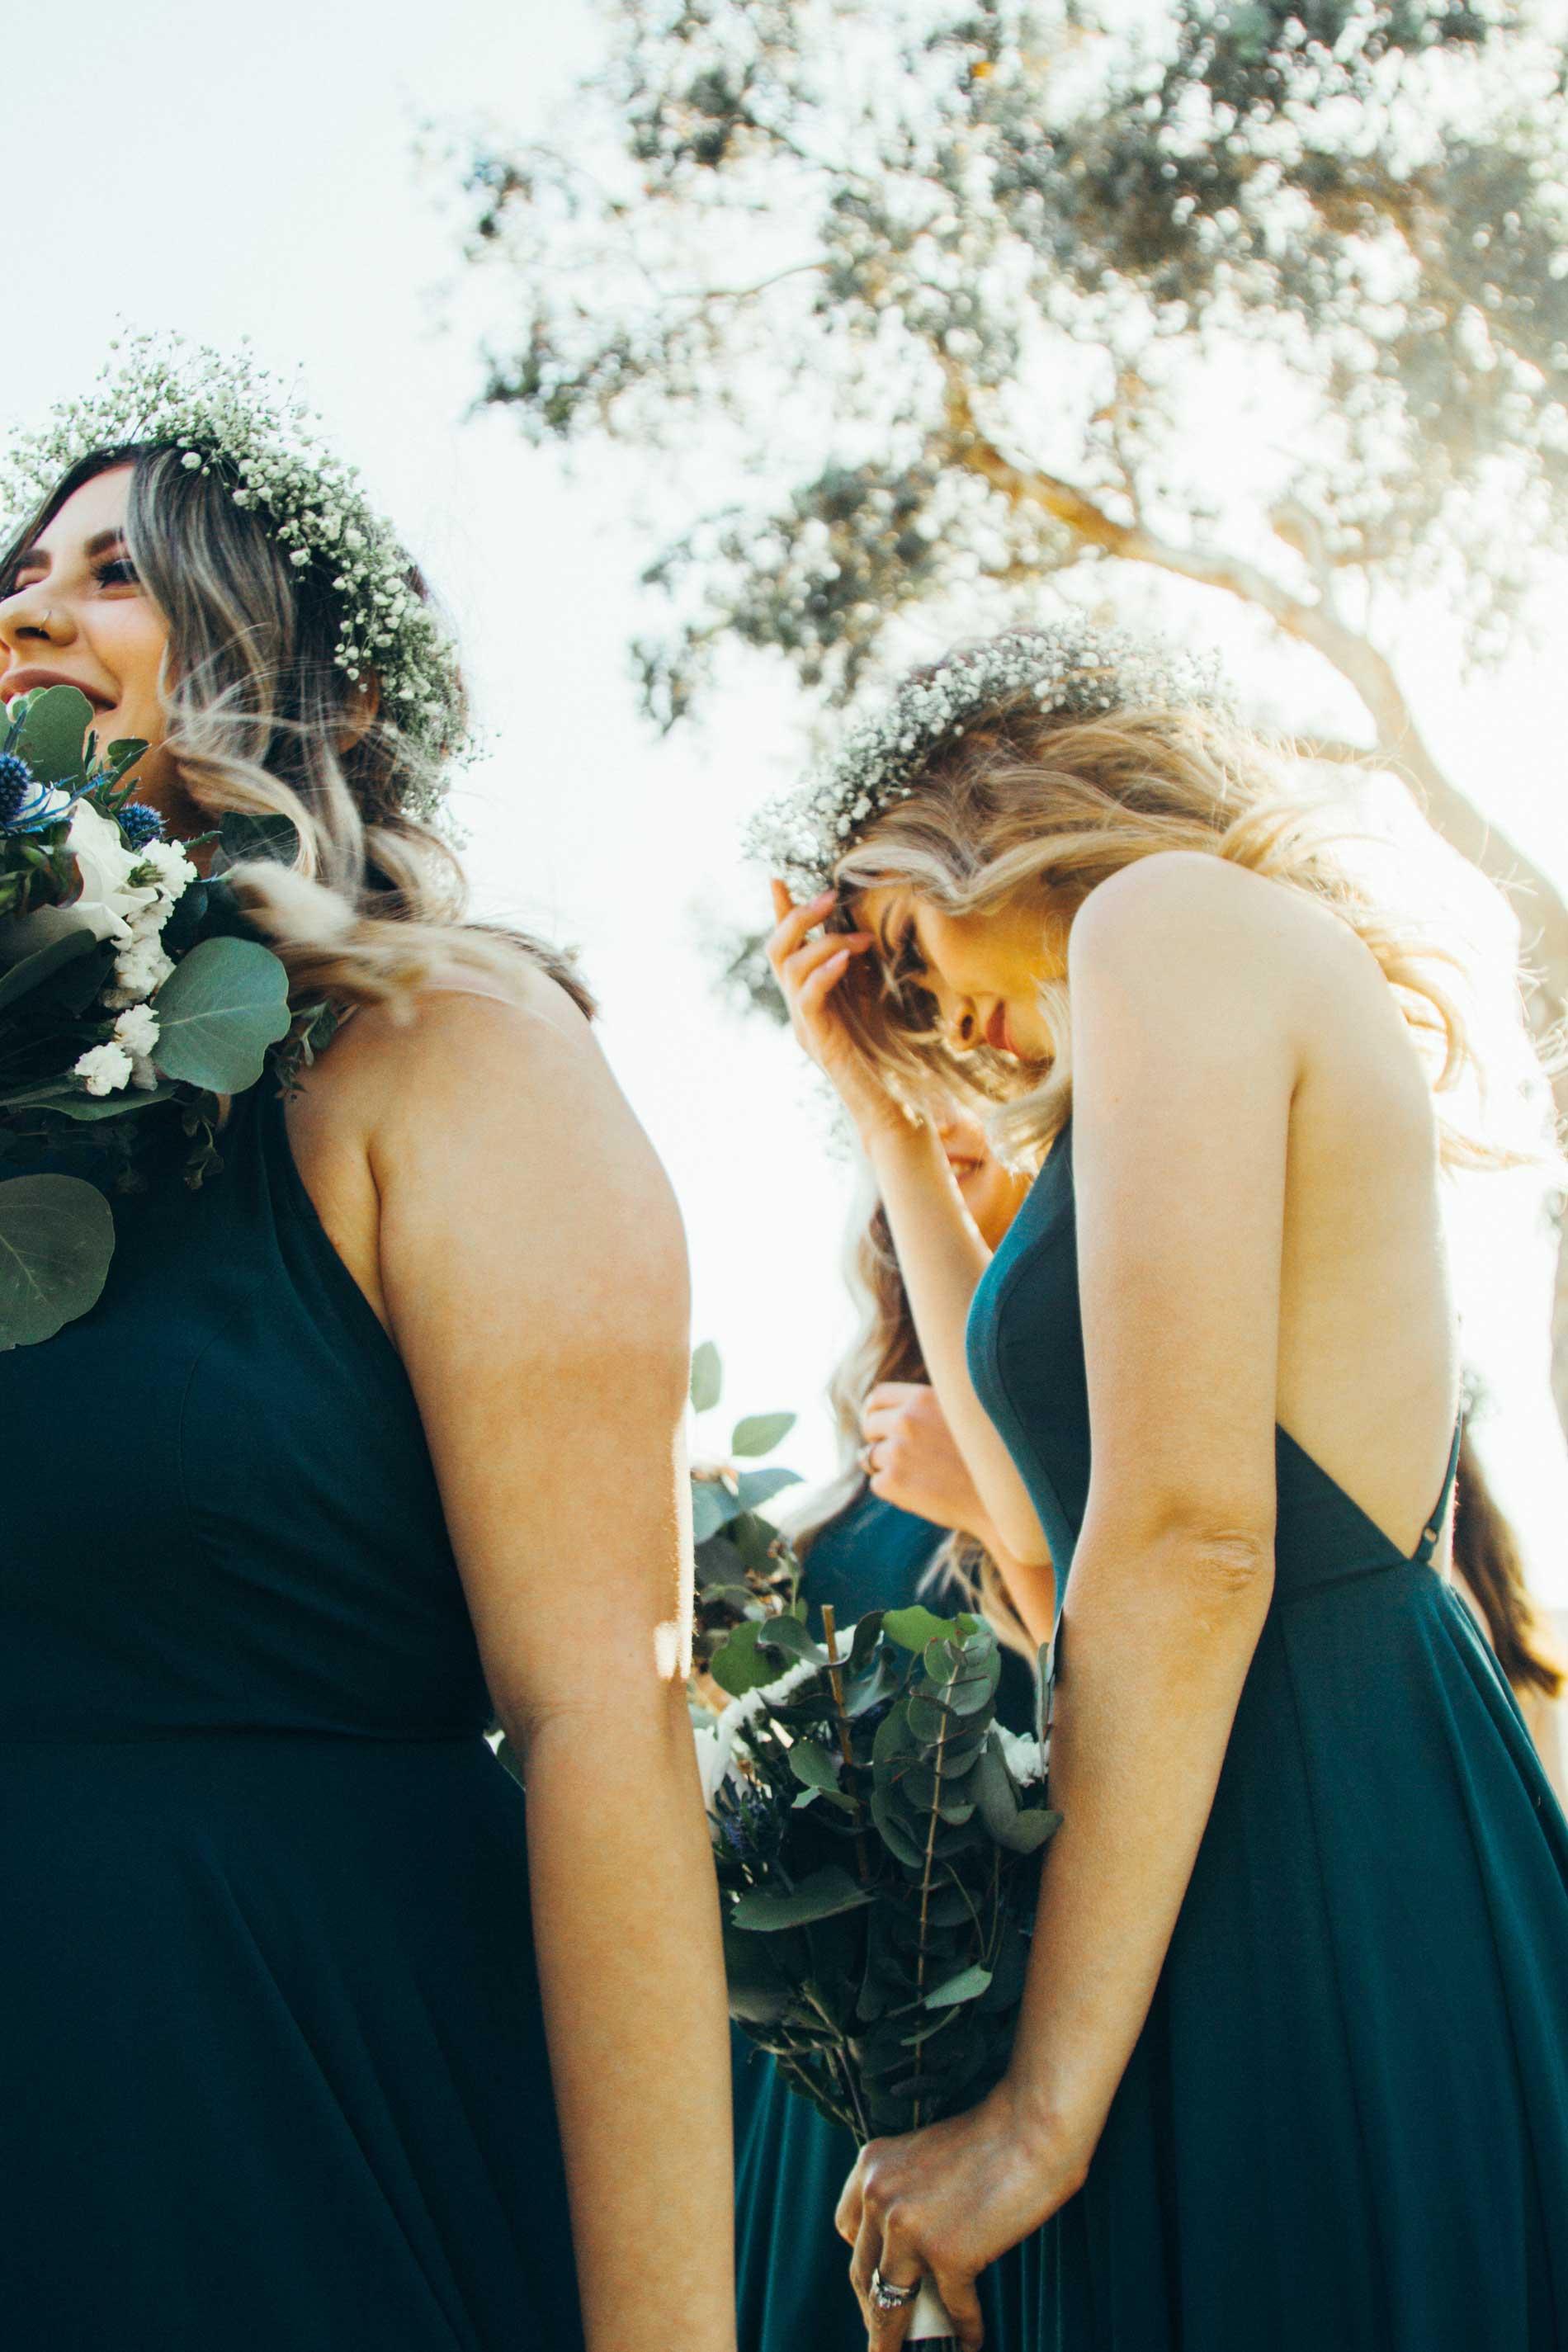 Hochzeit, Hochzeitsoutfit als Gast, Heiraten, Brautjunfger, Gast auf einer Hochzeit, Mode, Stylingideen, Tipps zum Styling für eine Hochzeit,